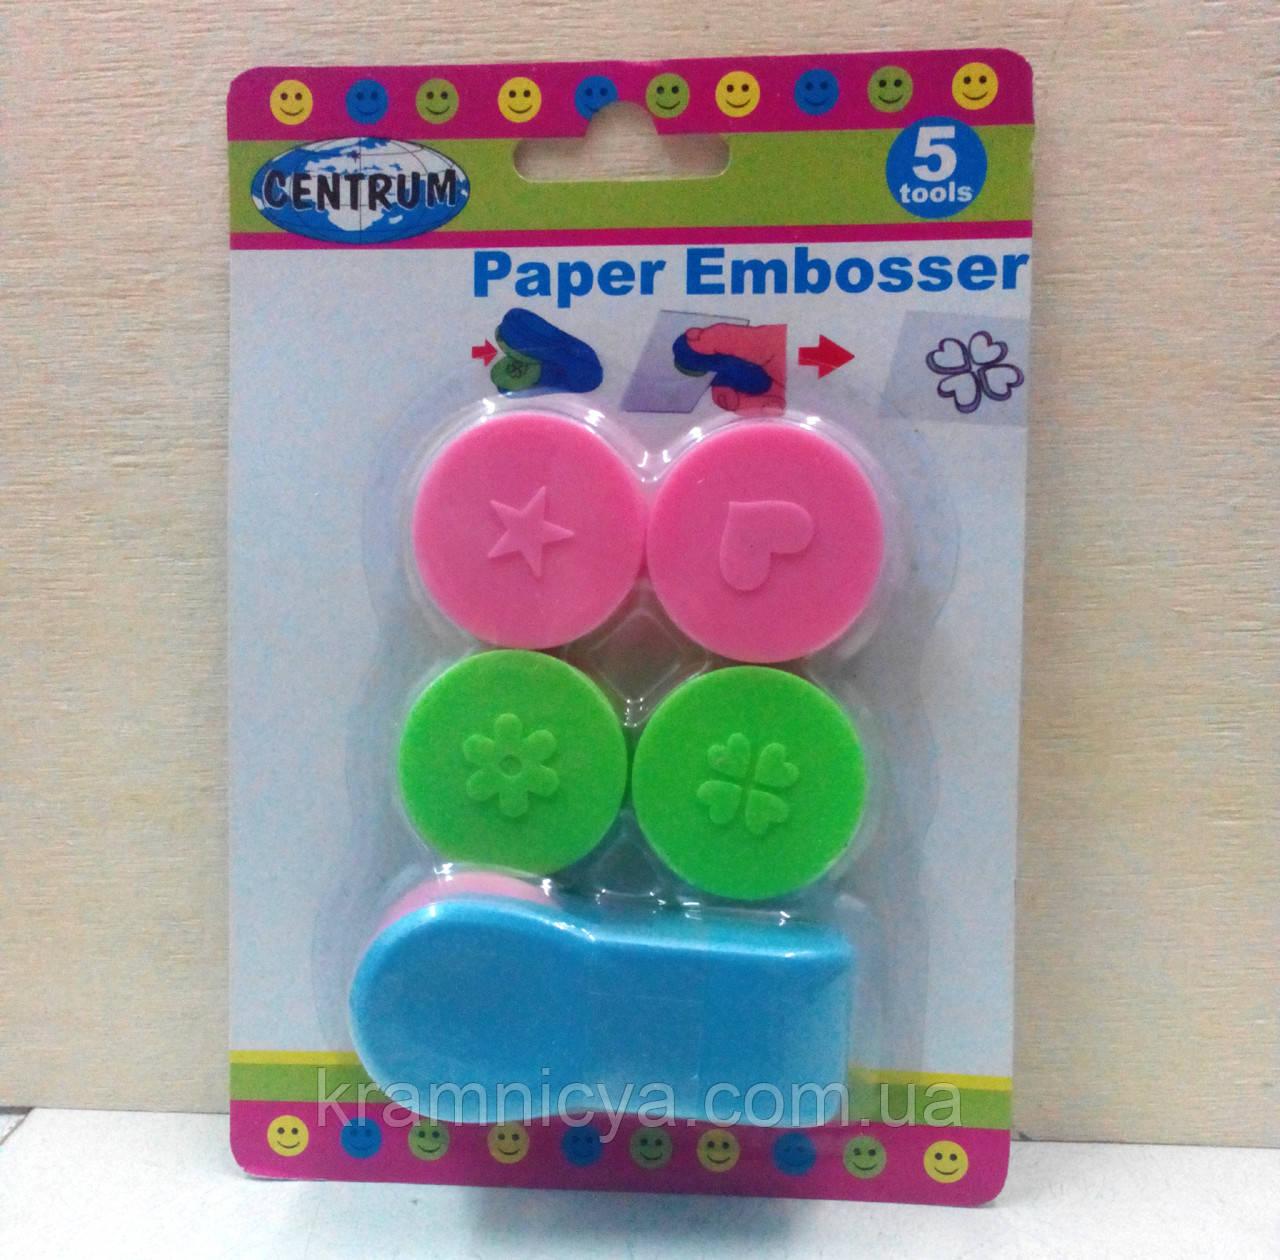 Пресс для тиснения бумаги и фольги с разными насадками